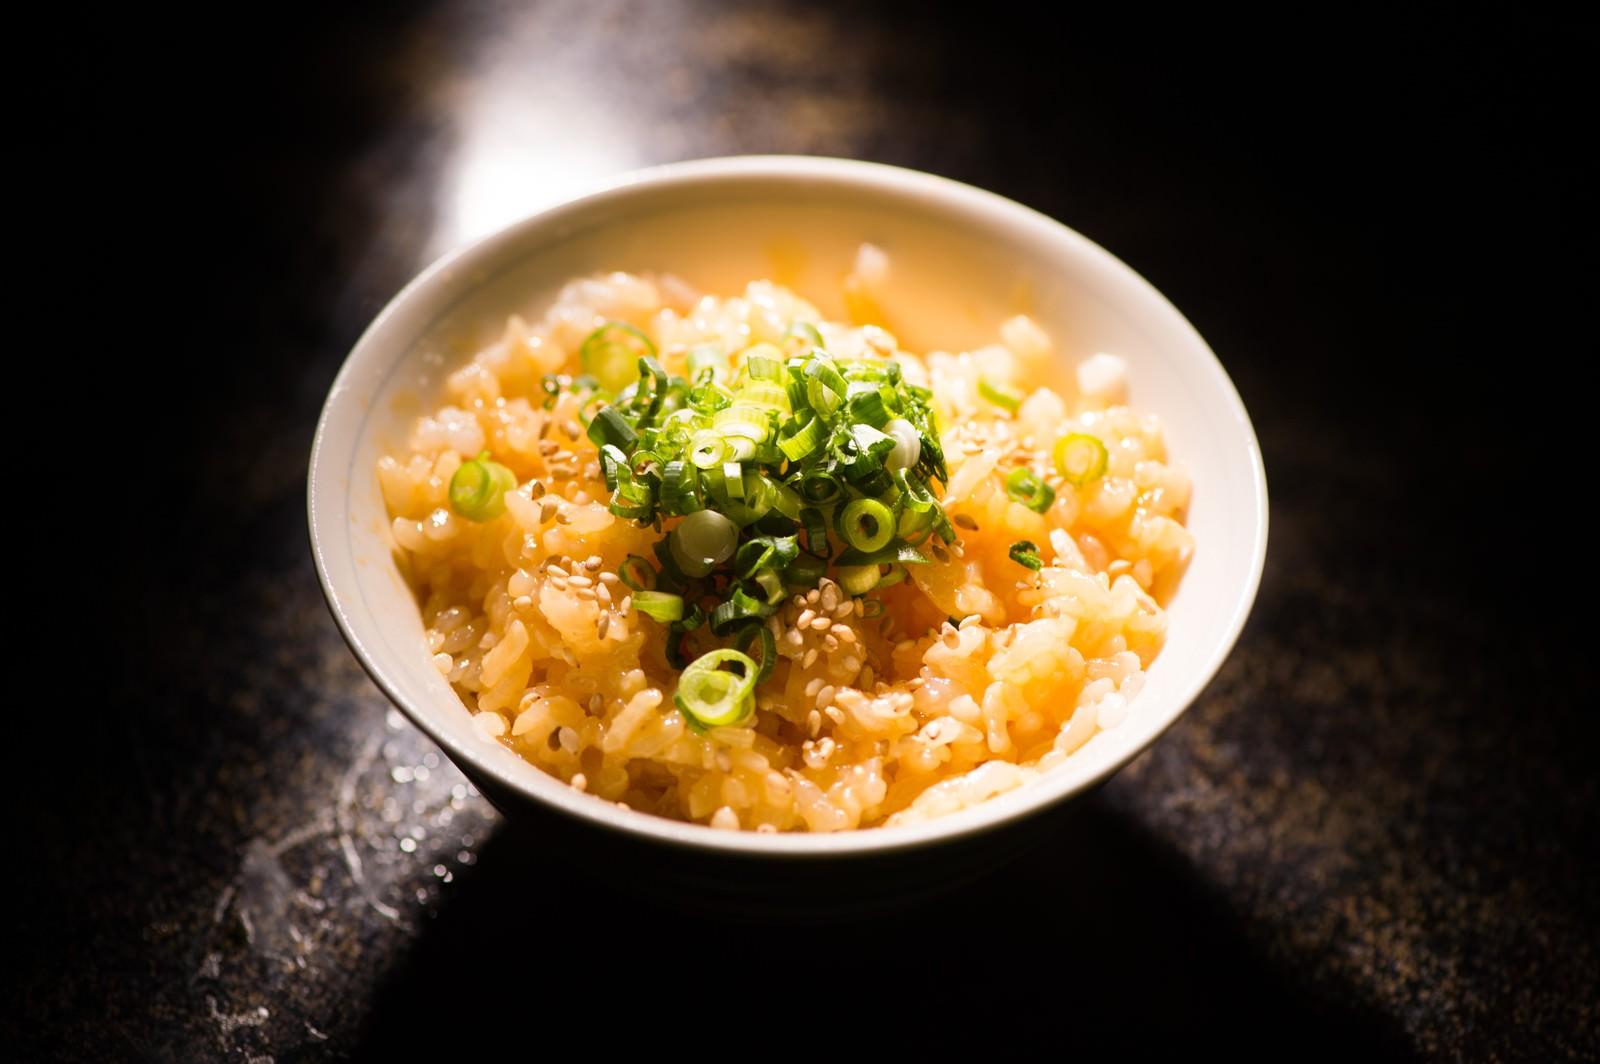 「炊きたてのご飯と新鮮な生たまごを絡めた贅沢な1杯炊きたてのご飯と新鮮な生たまごを絡めた贅沢な1杯」のフリー写真素材を拡大